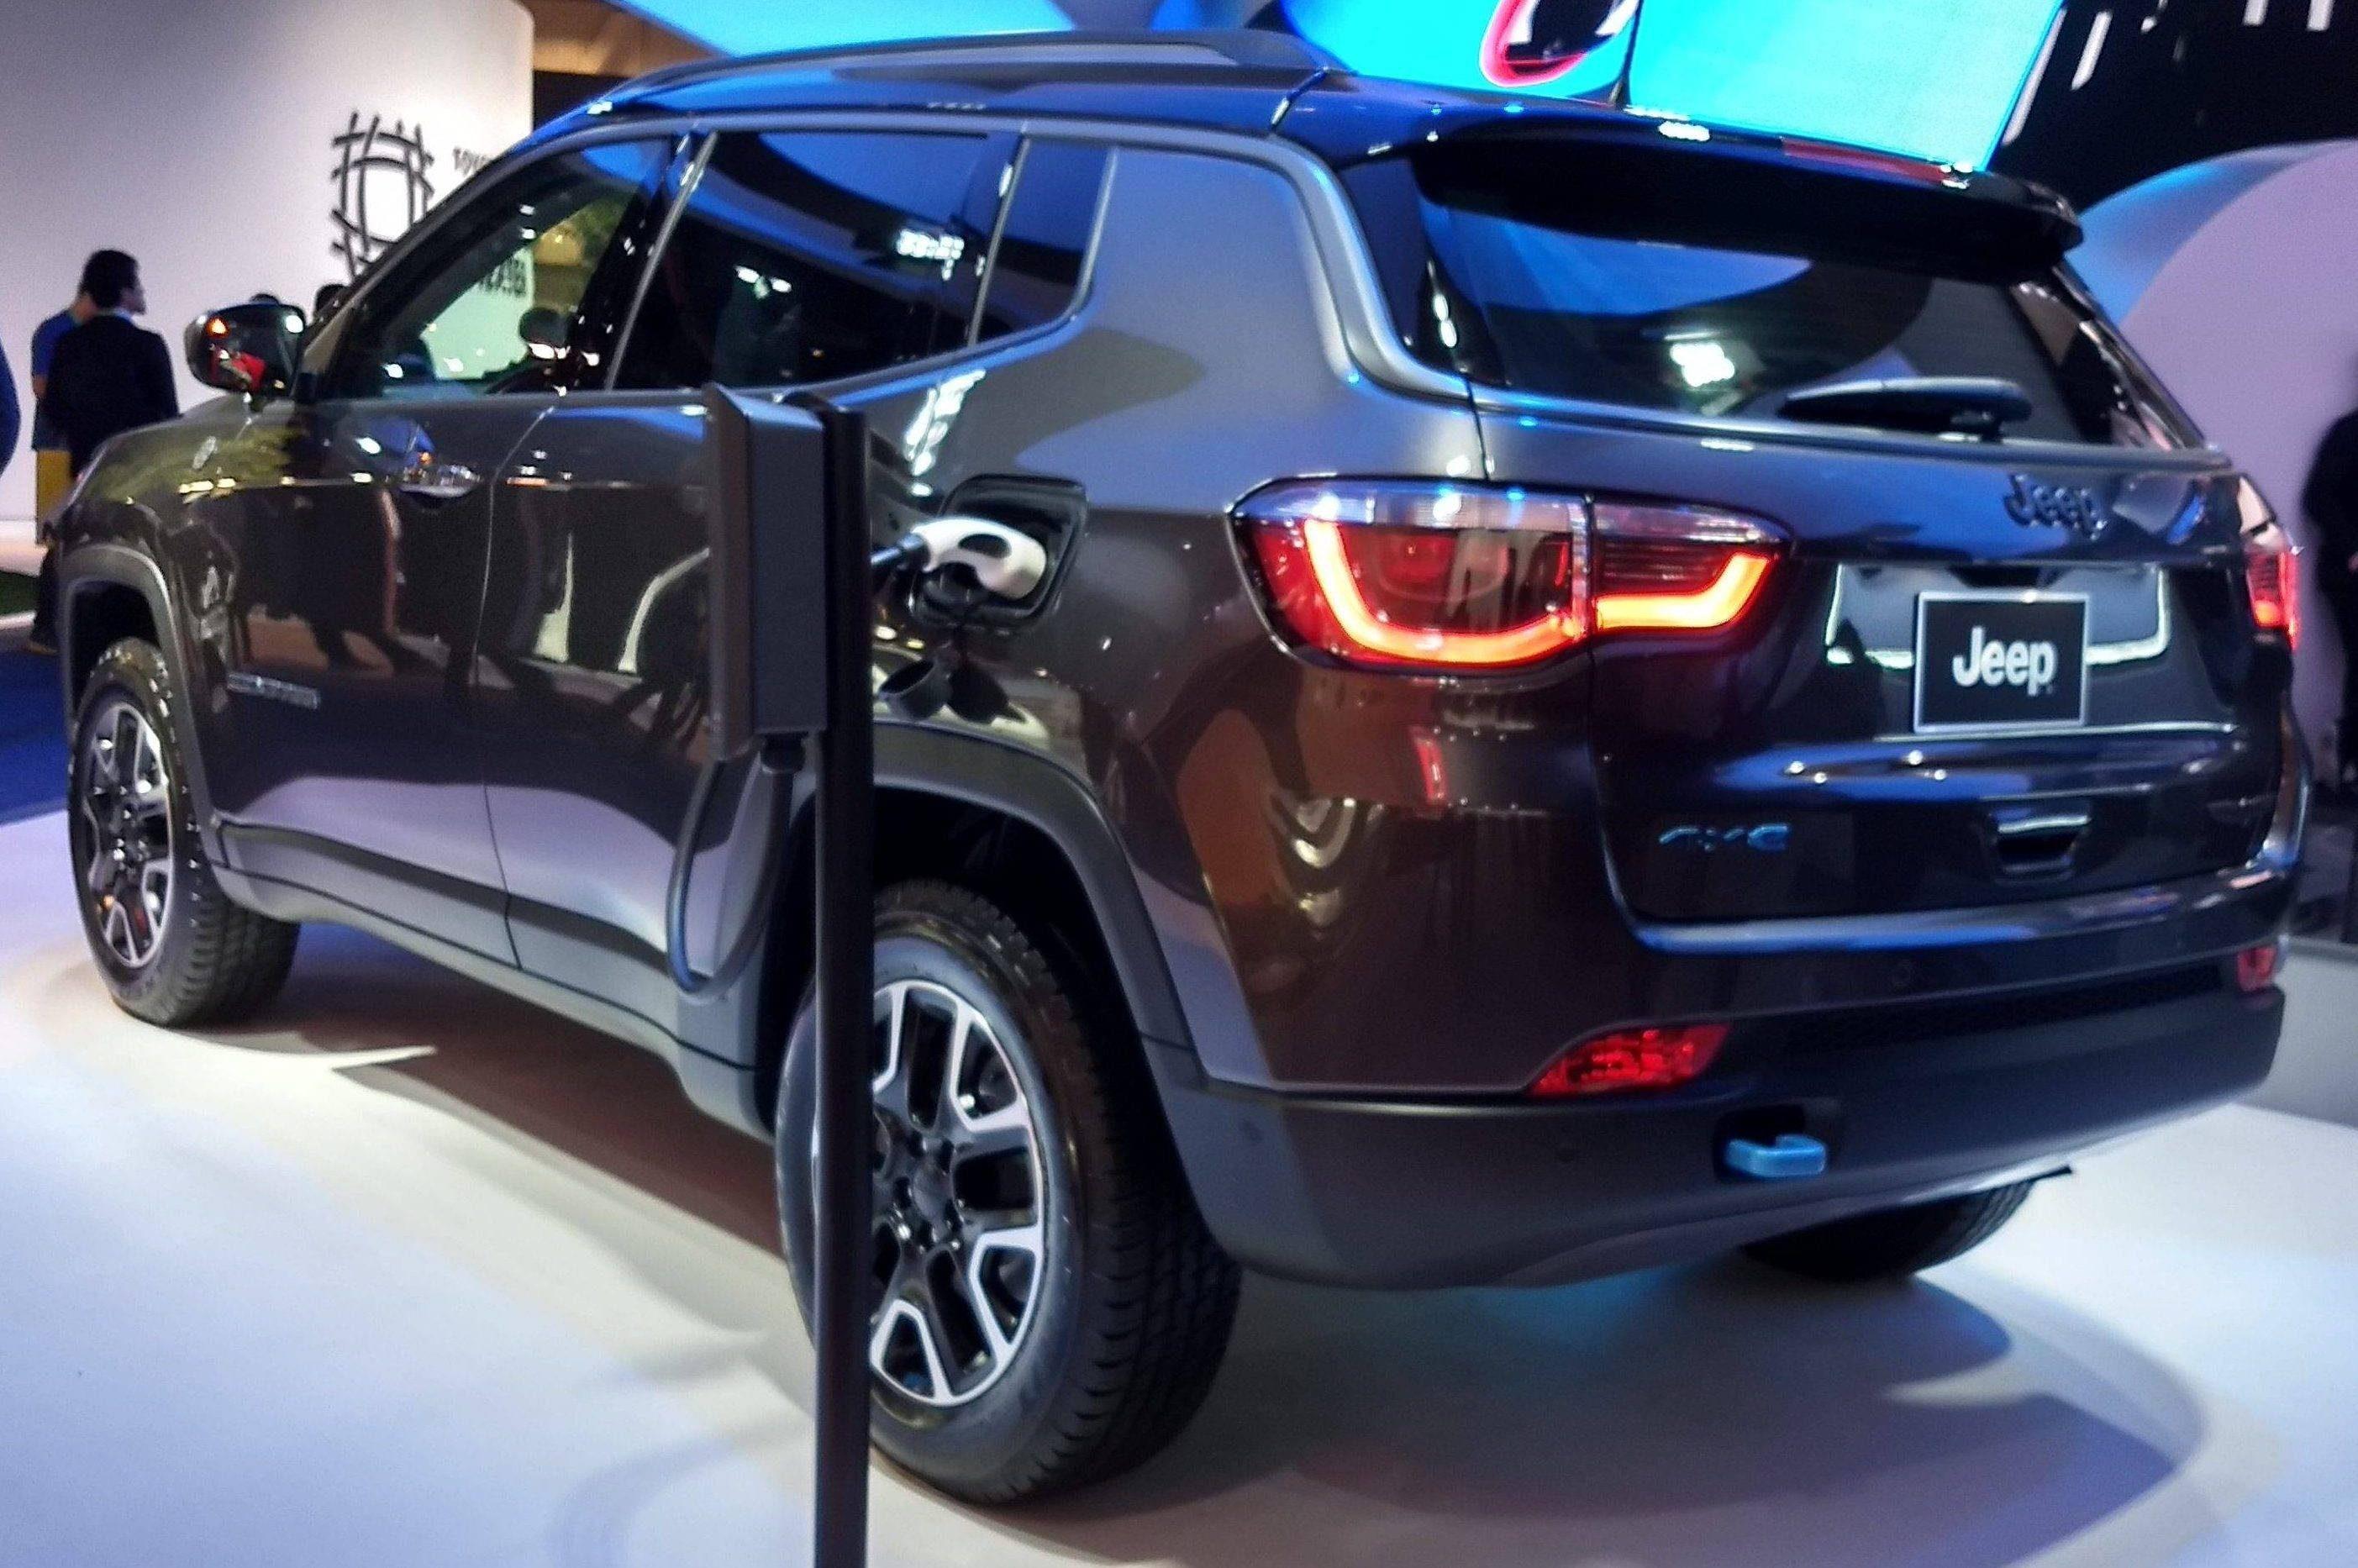 Jeep Renegade E Compass Hibridos Devem Ser Vendidos No Brasil Ate 2021 Quatro Rodas